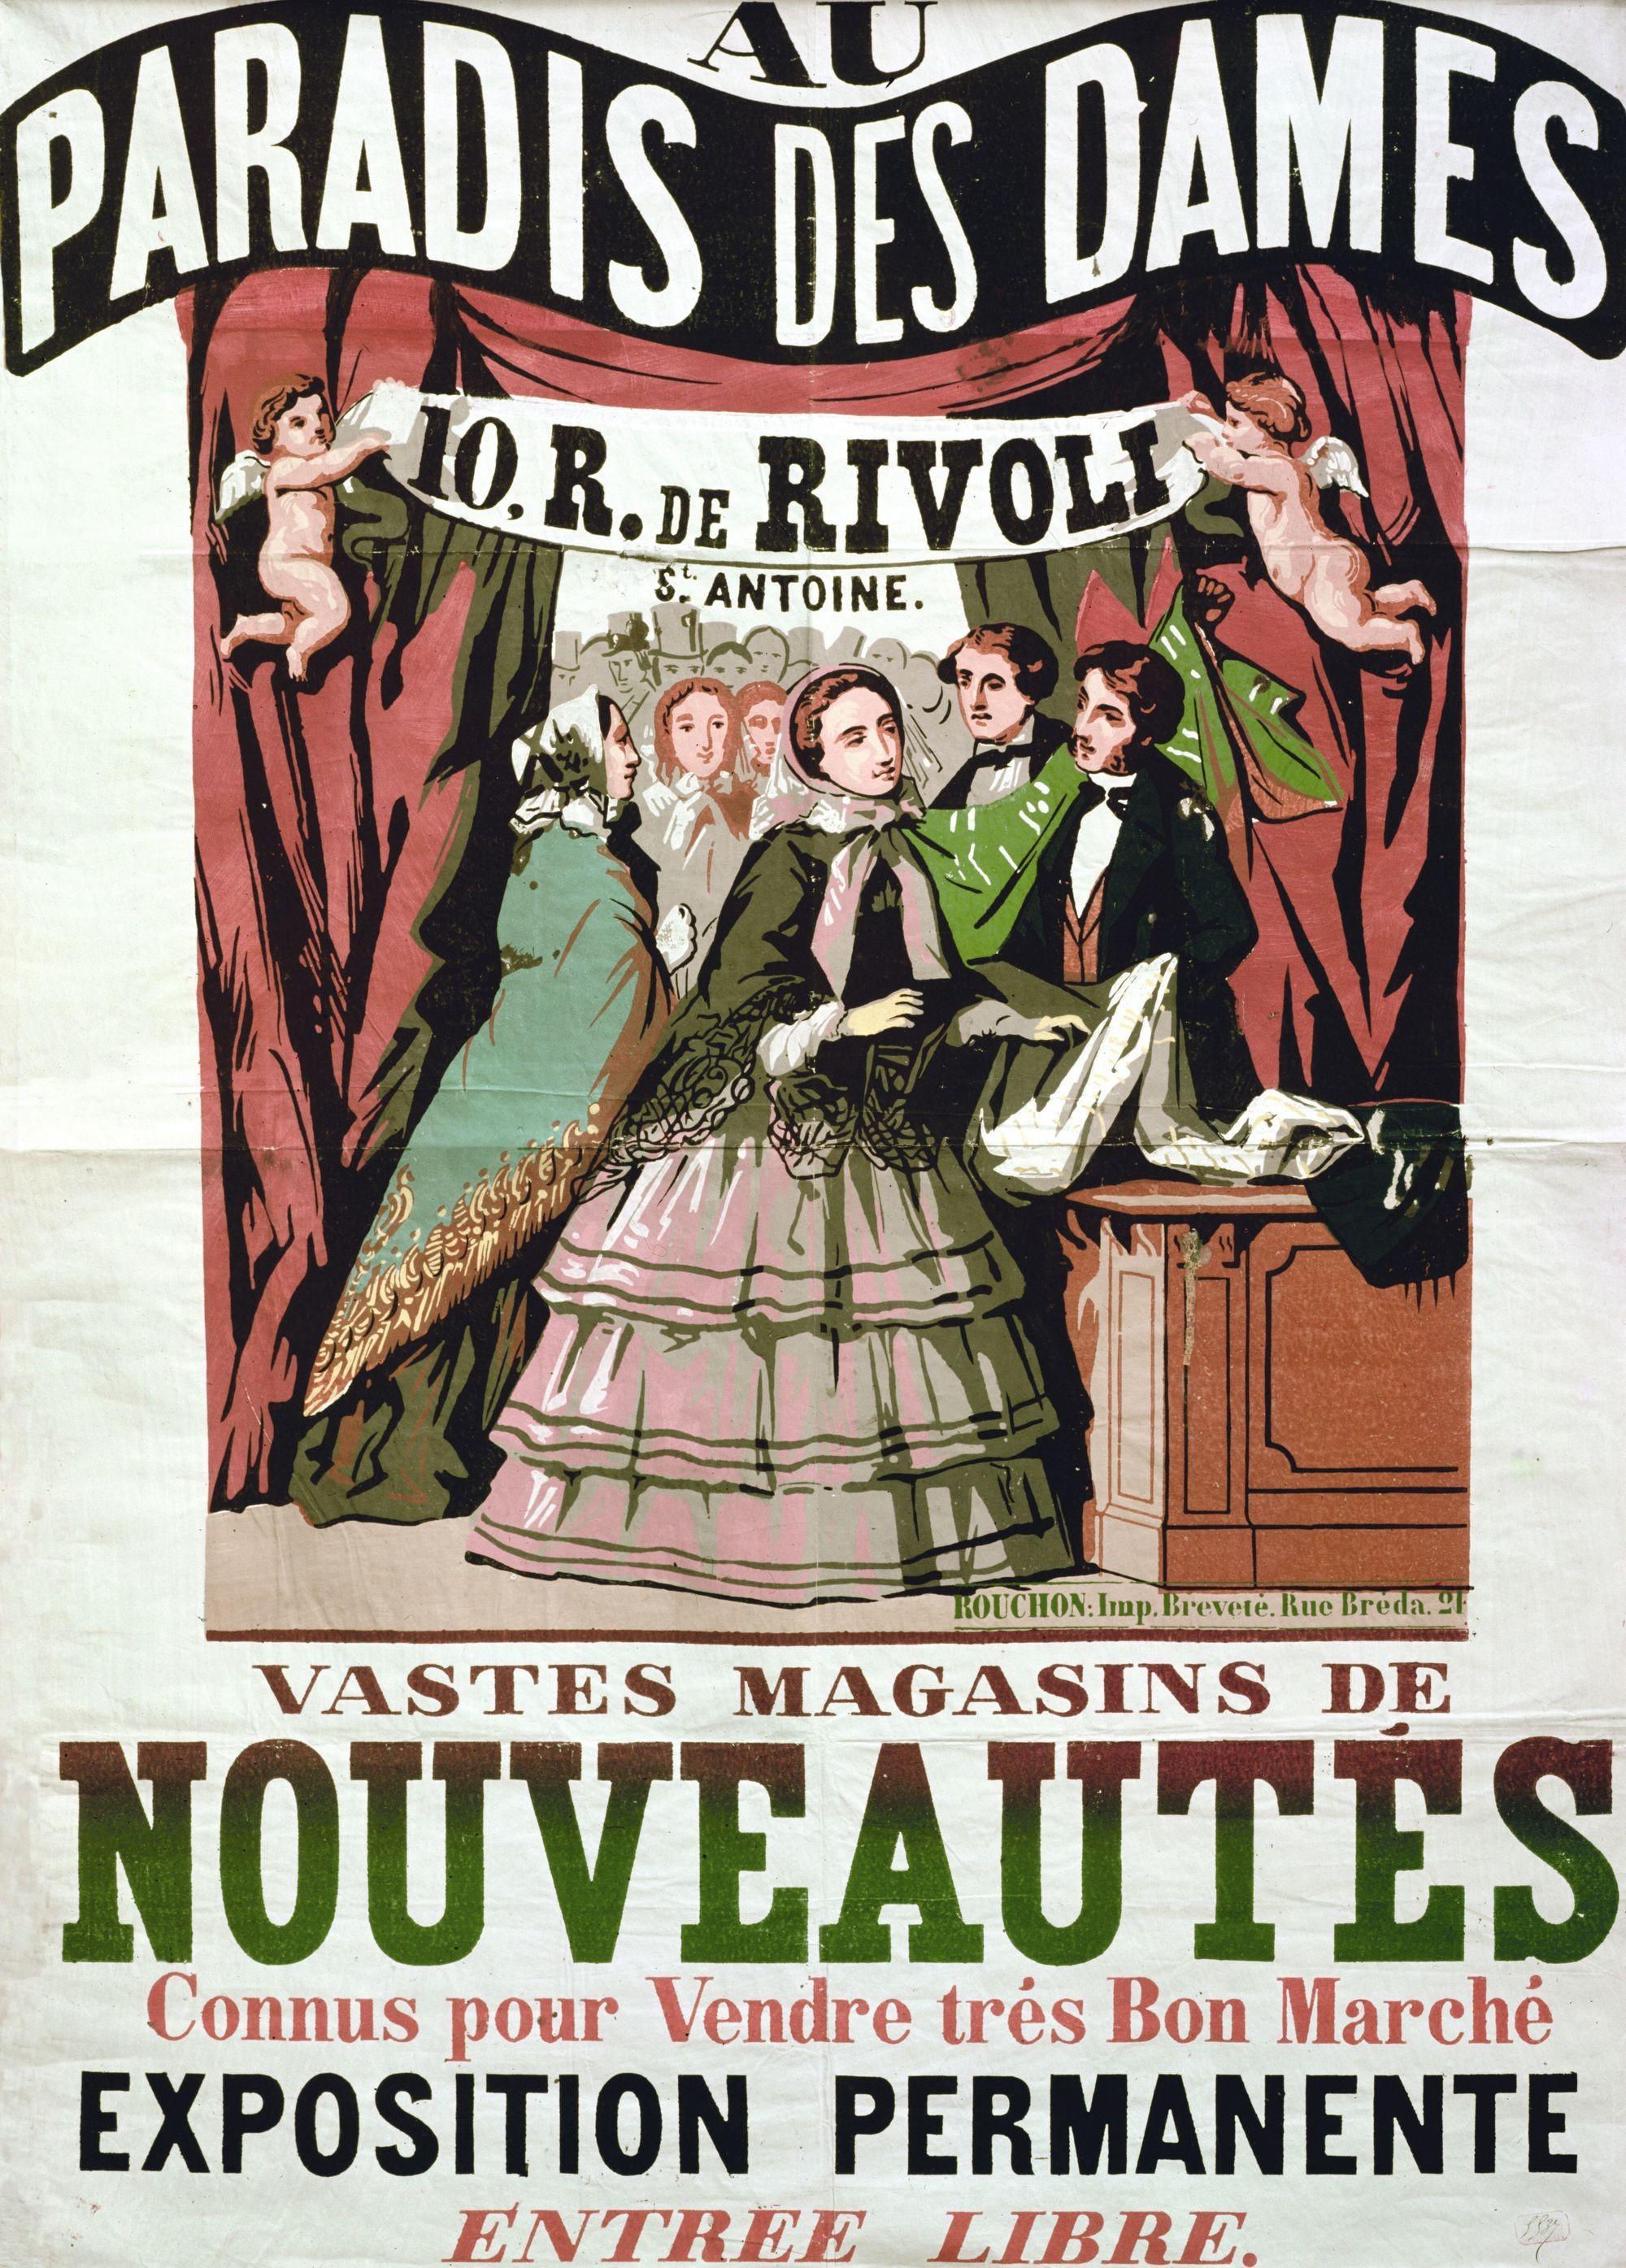 Anonyme, affiche publicitaire, 1856, gravure sur bois en couleur, imprimée chez Jean-Alexis Rouchon, 140 x 100 cm, BnF, Paris.